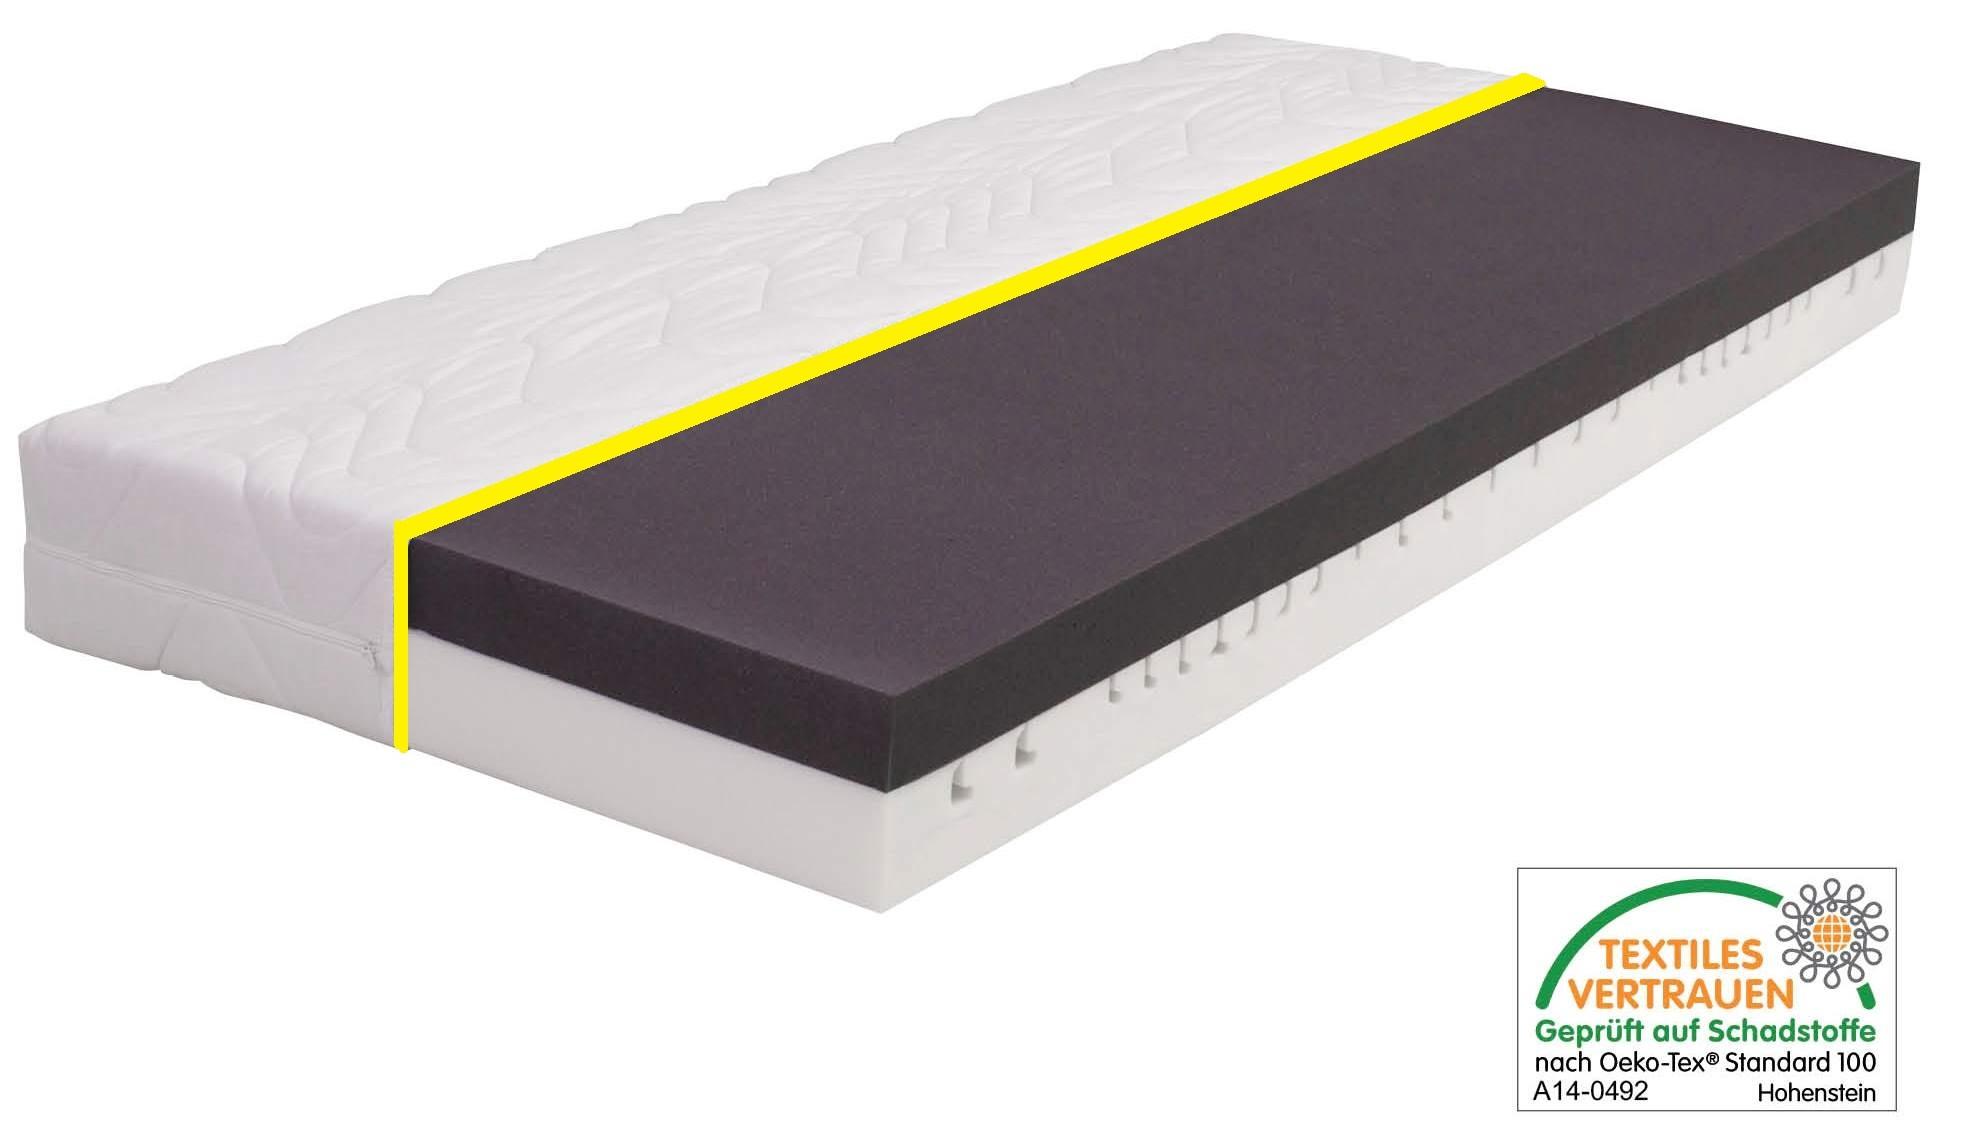 gerollte matratze latest beide kernseiten der matratze sind mit versehen with gerollte matratze. Black Bedroom Furniture Sets. Home Design Ideas